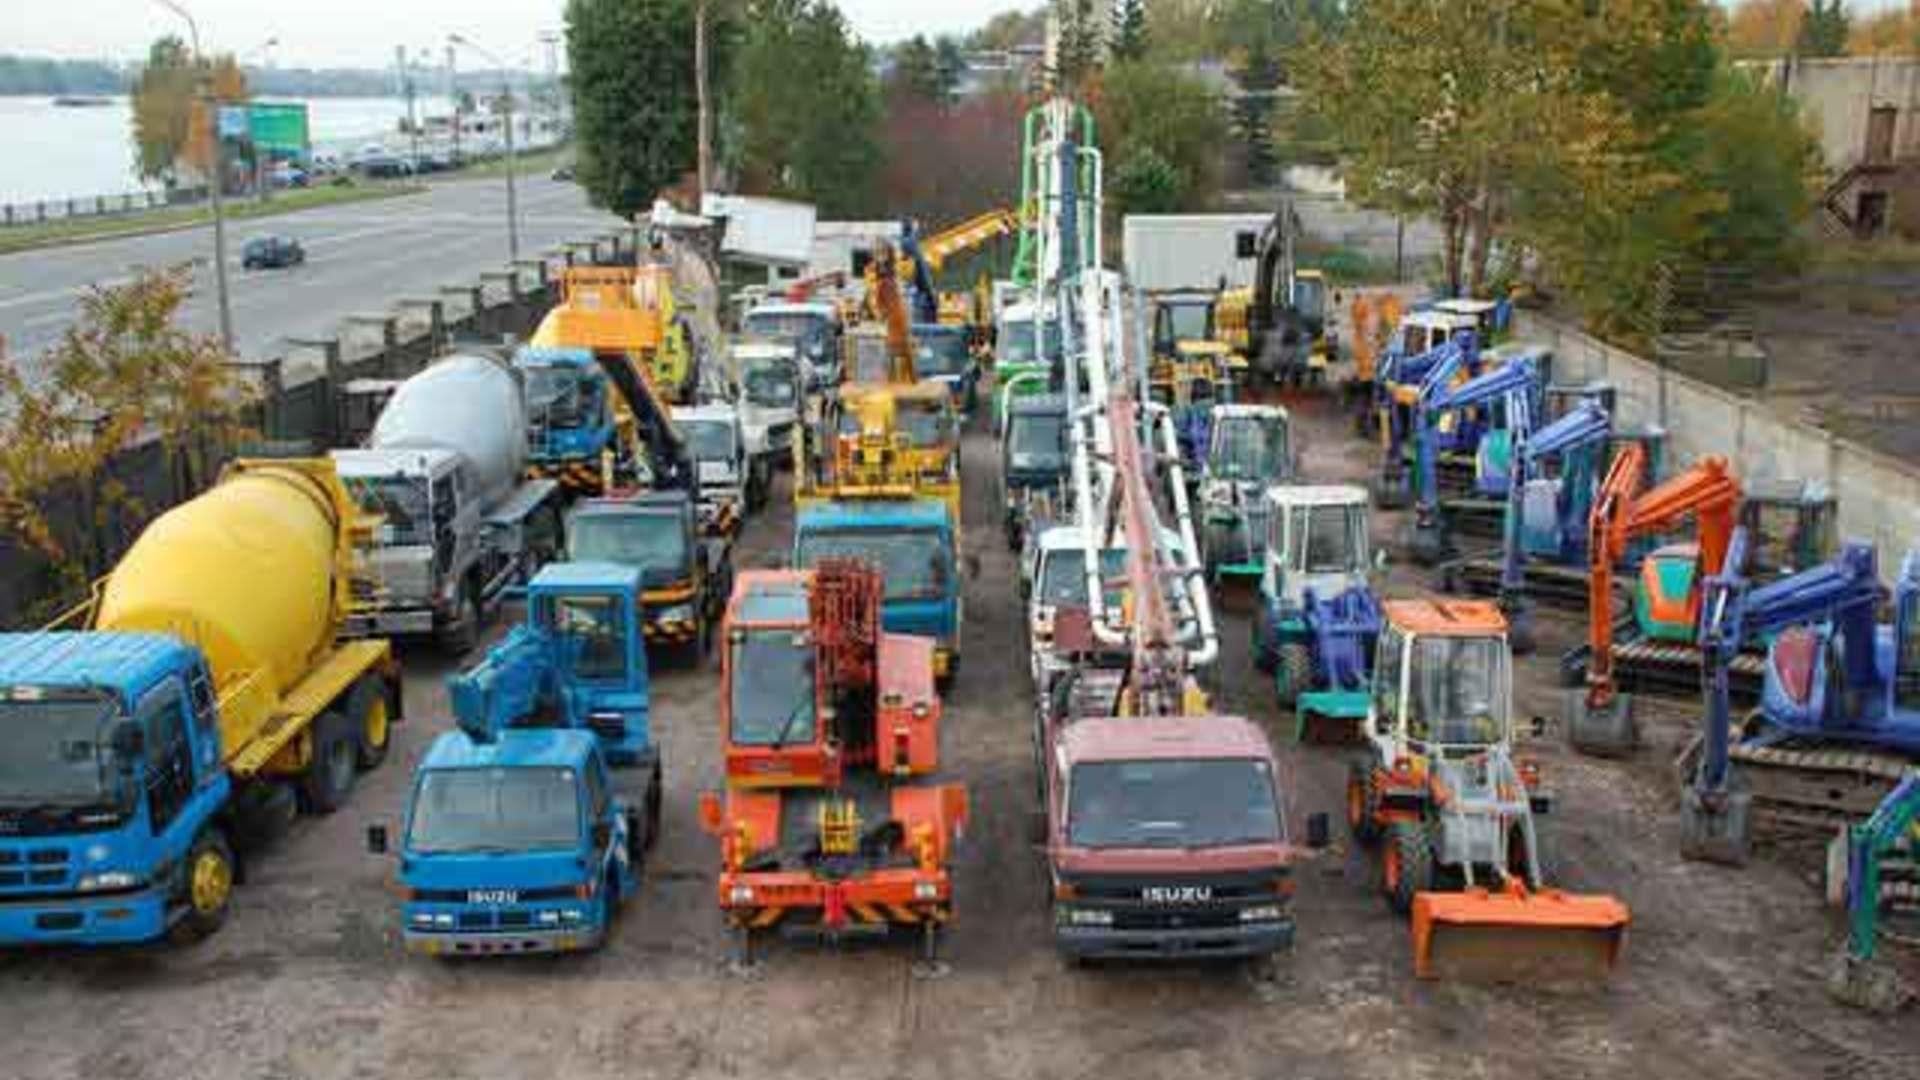 Спецтехника европы бу пассажирских и грузовых перевозок